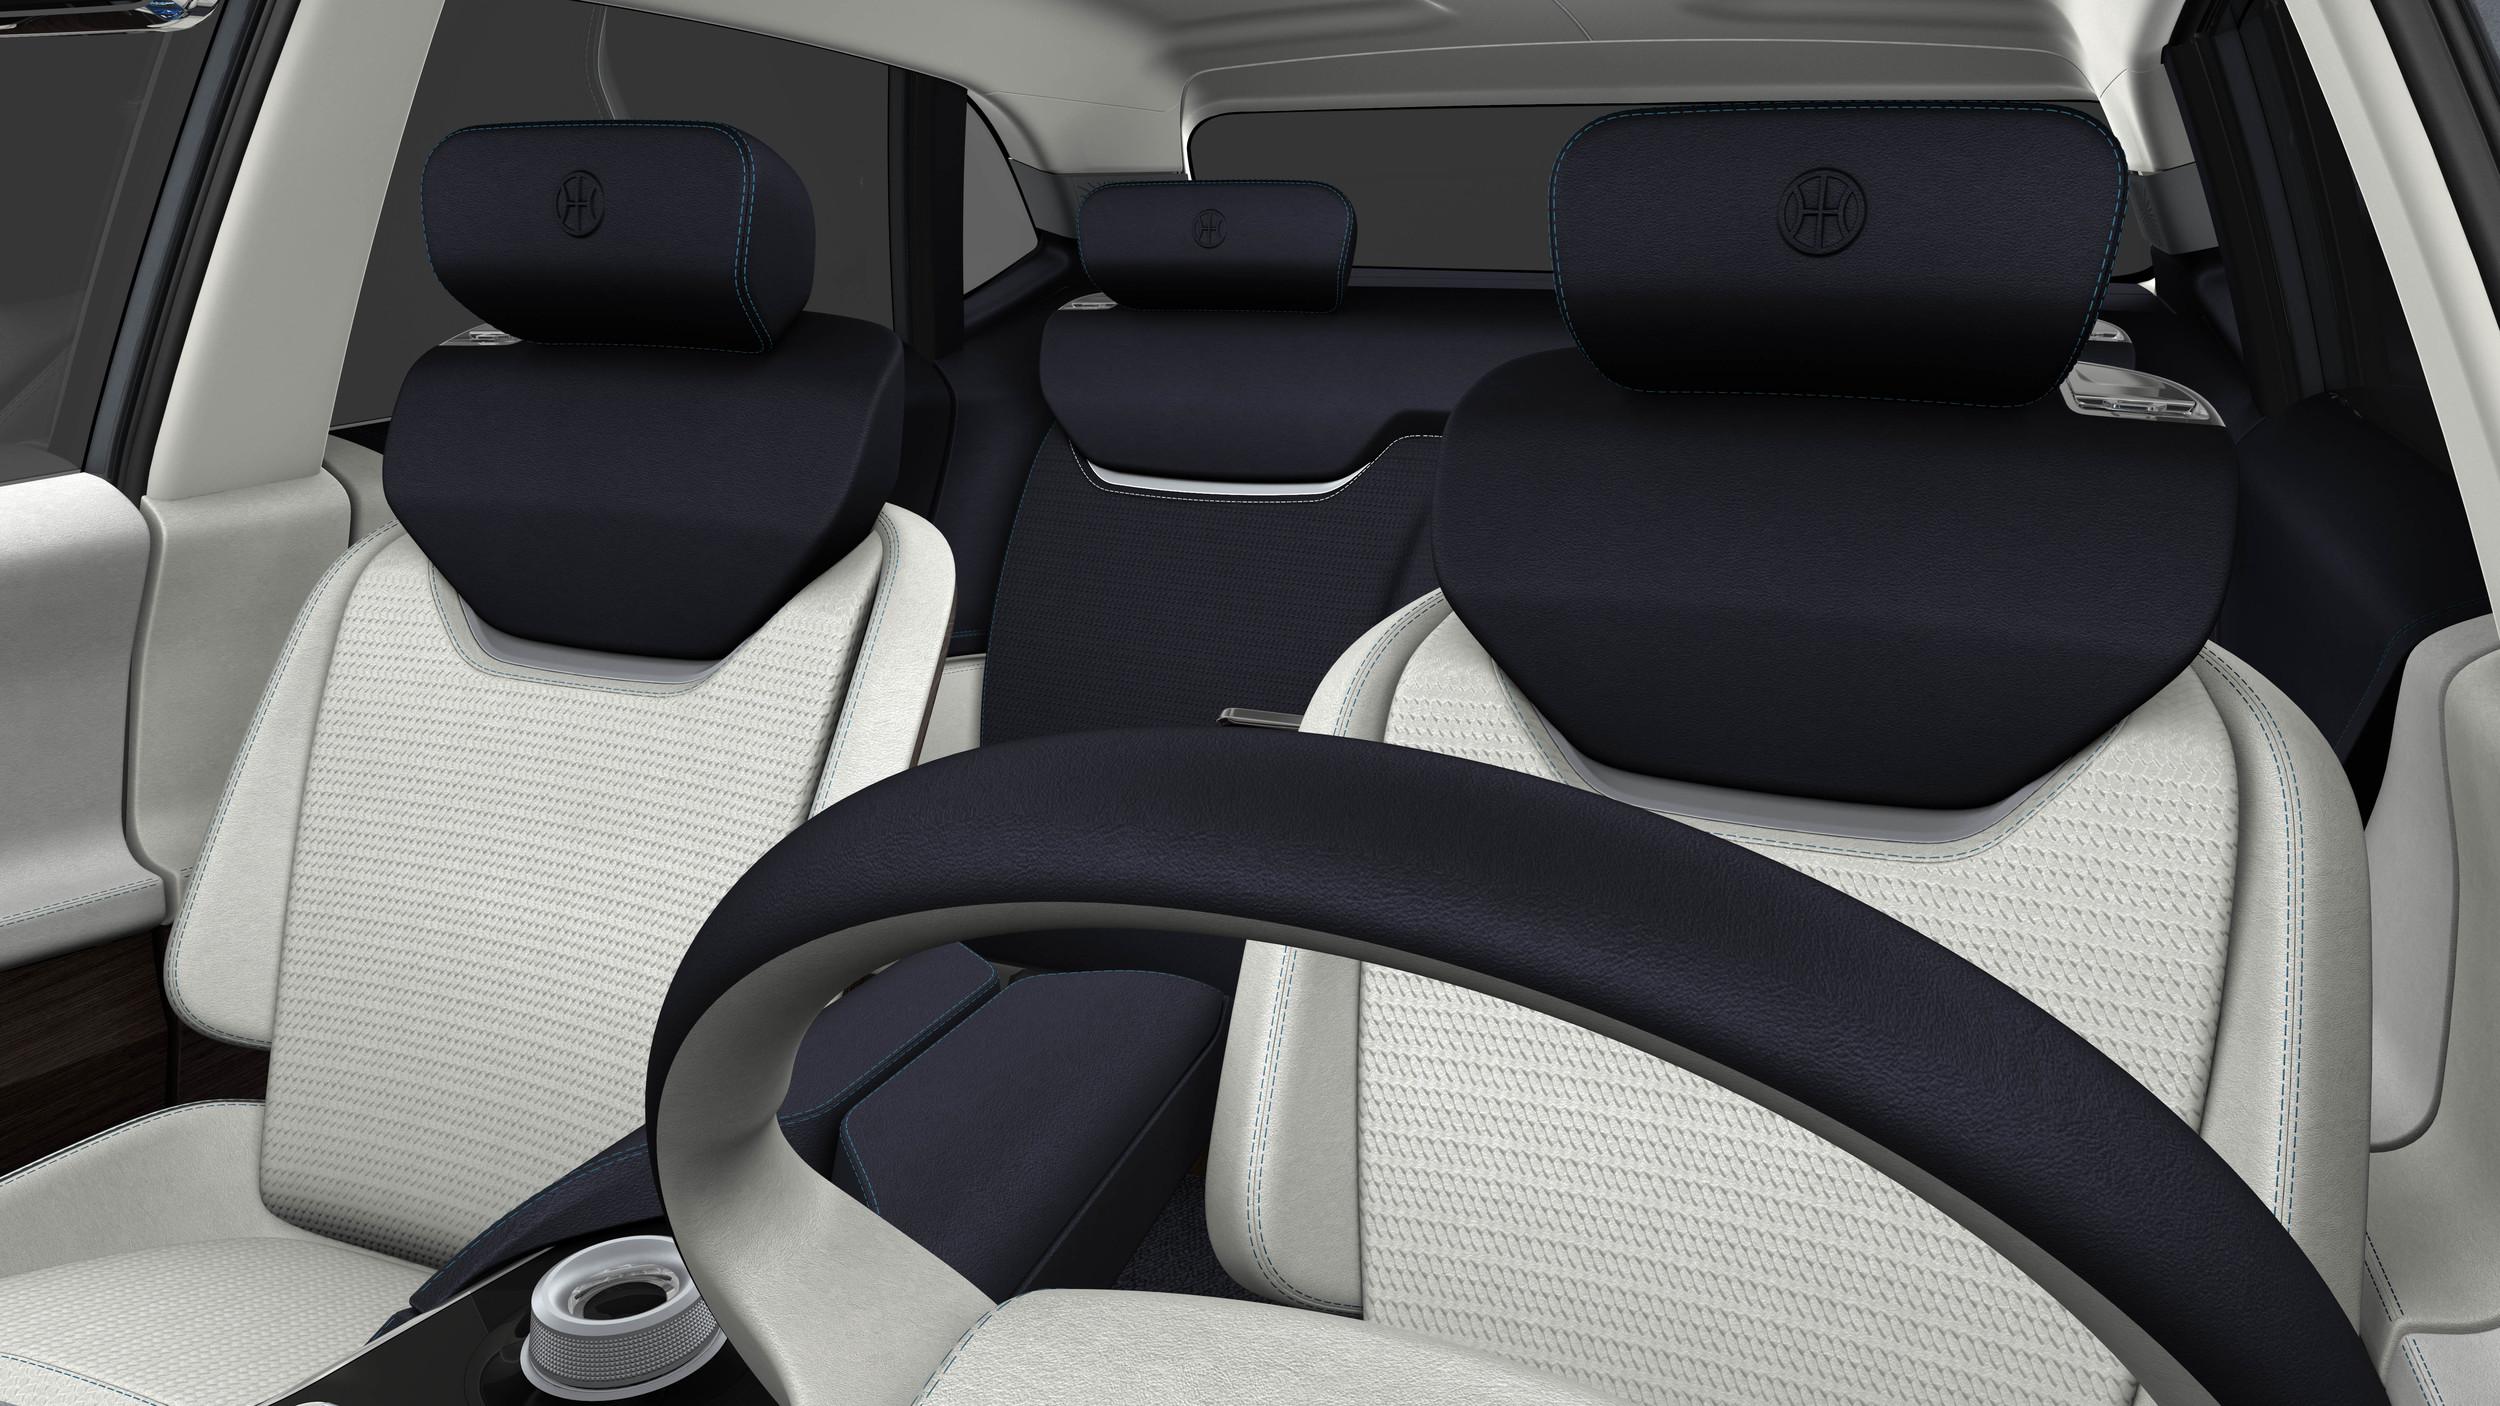 k550-interior-1-1